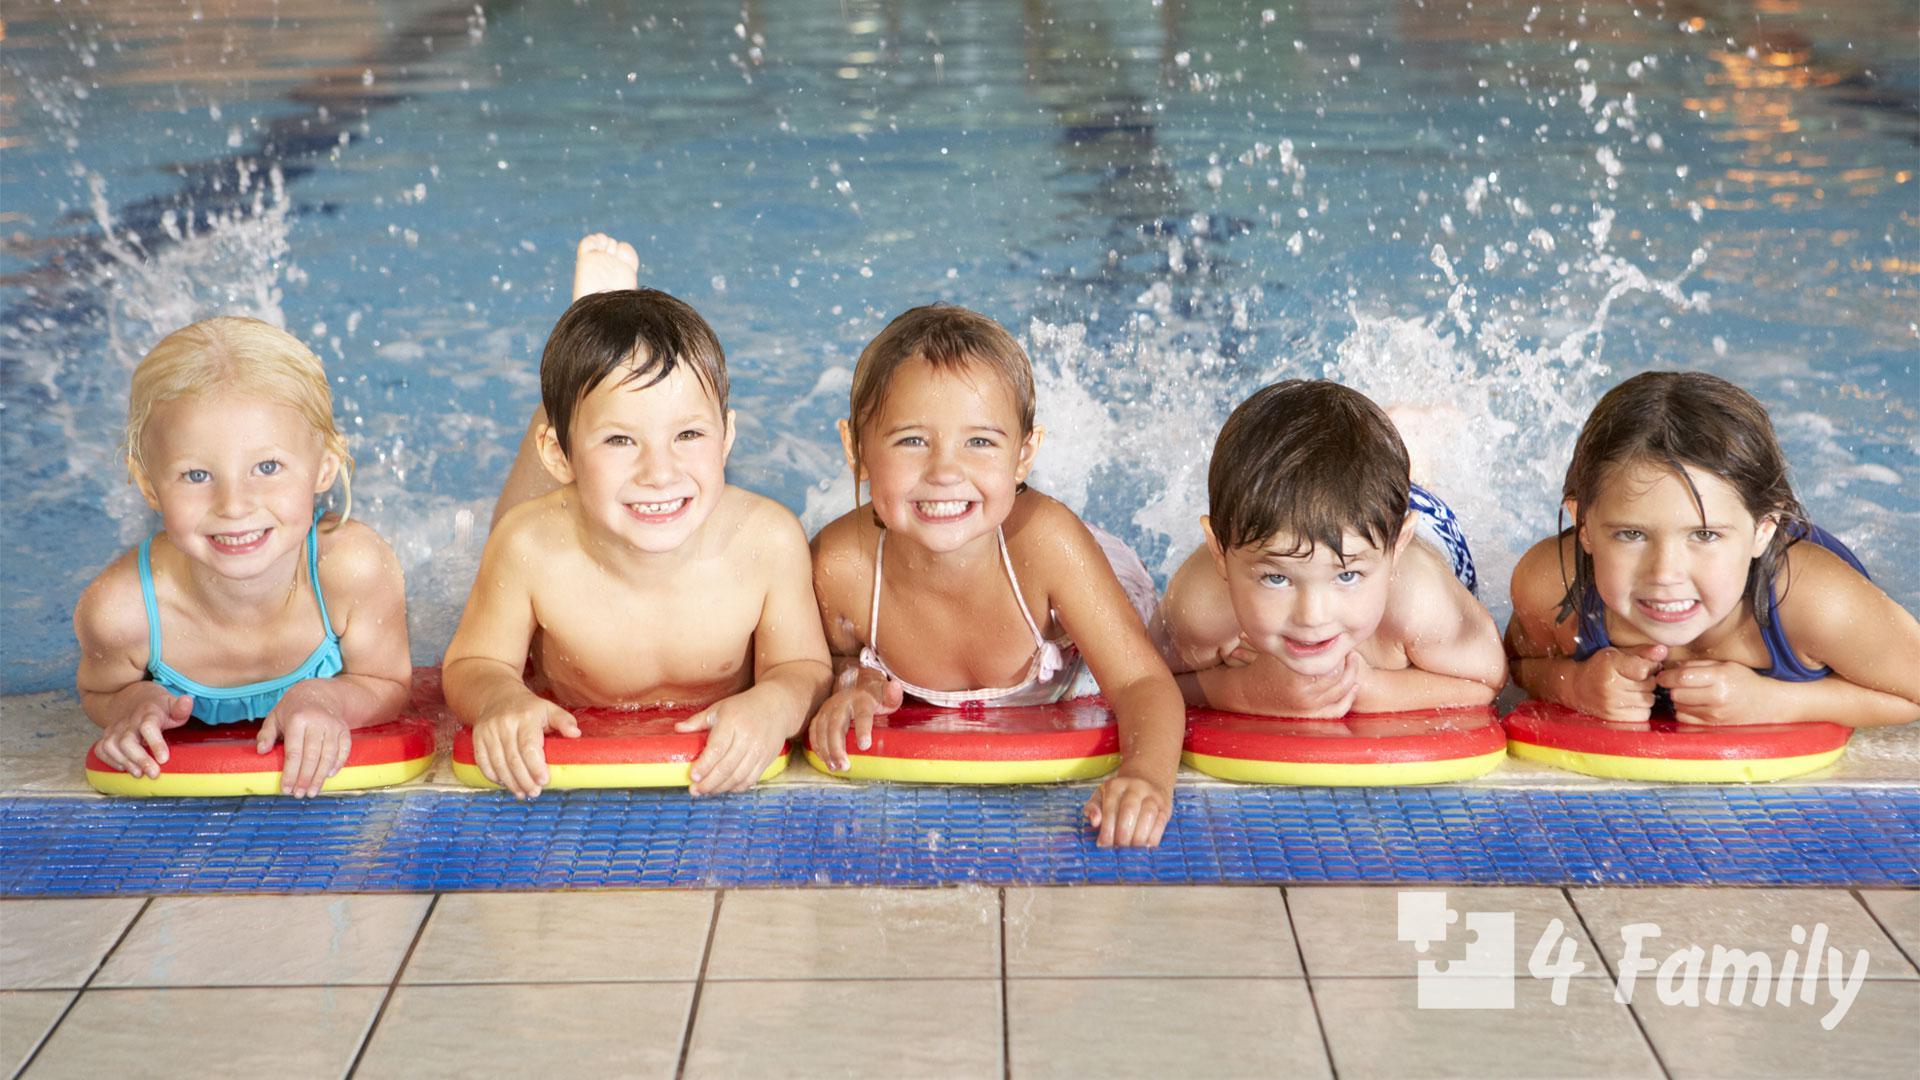 Фото. Что нужно для бассейна ребенку